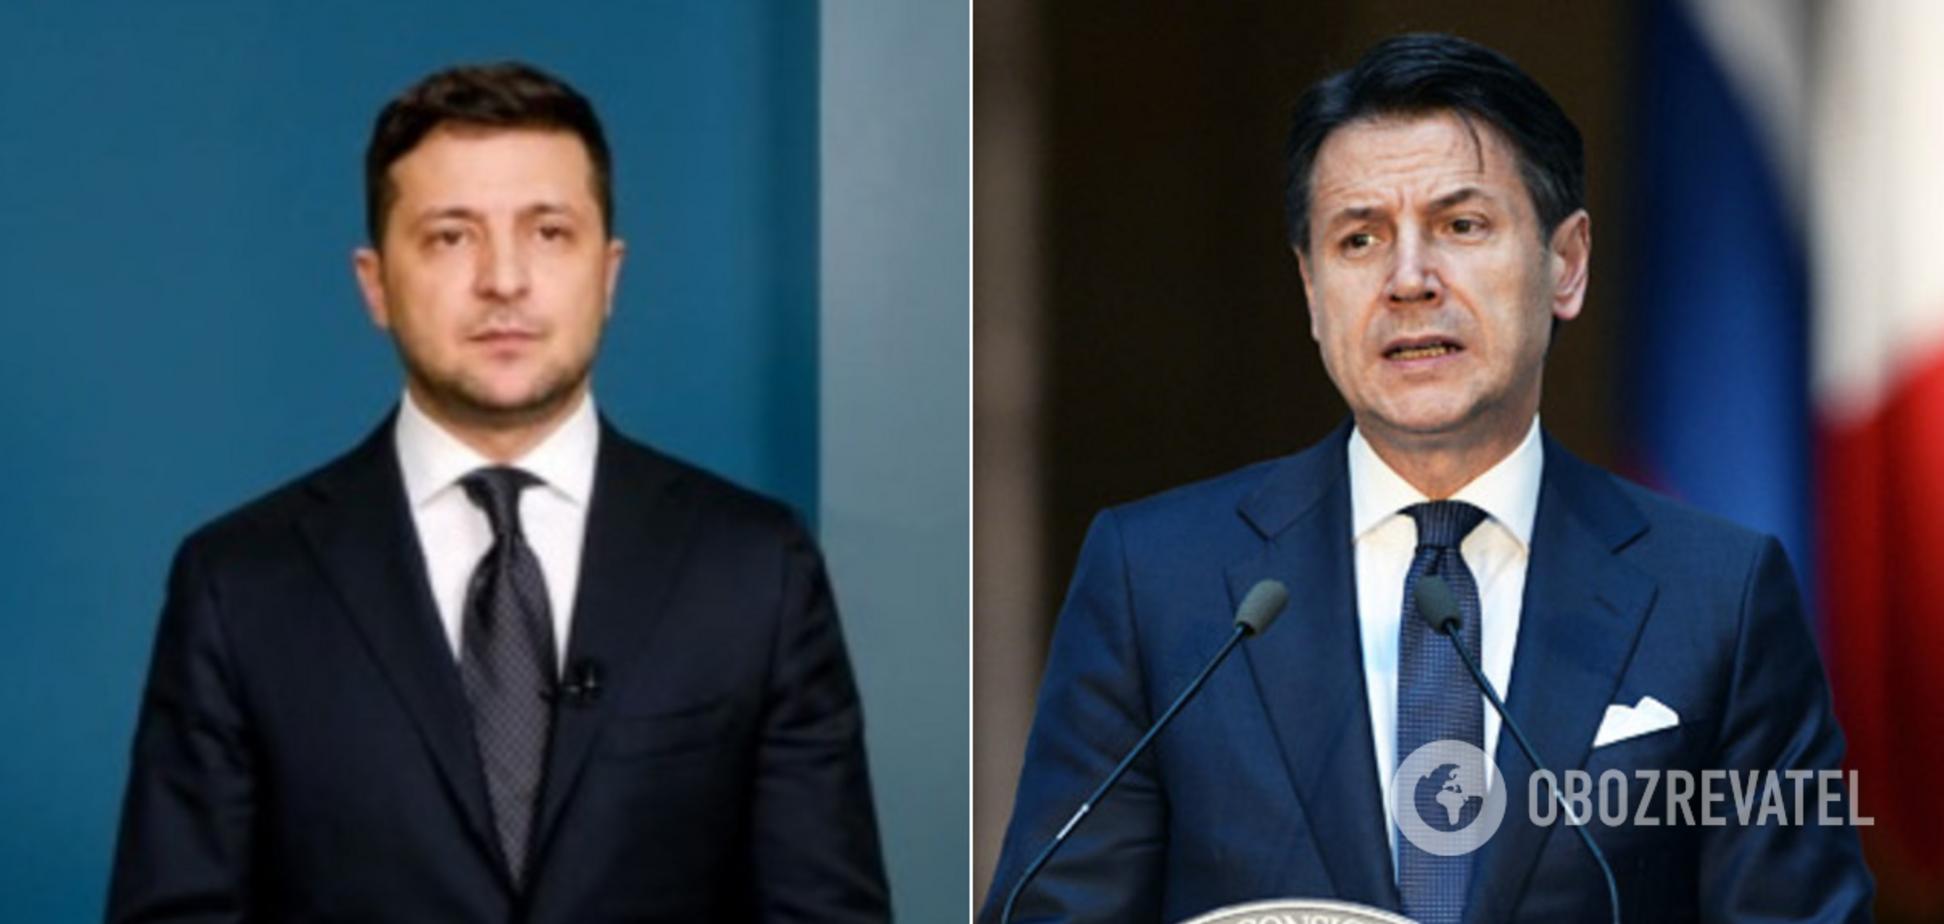 Зеленский провел переговоры с премьером Италии Конте: о чем говорили